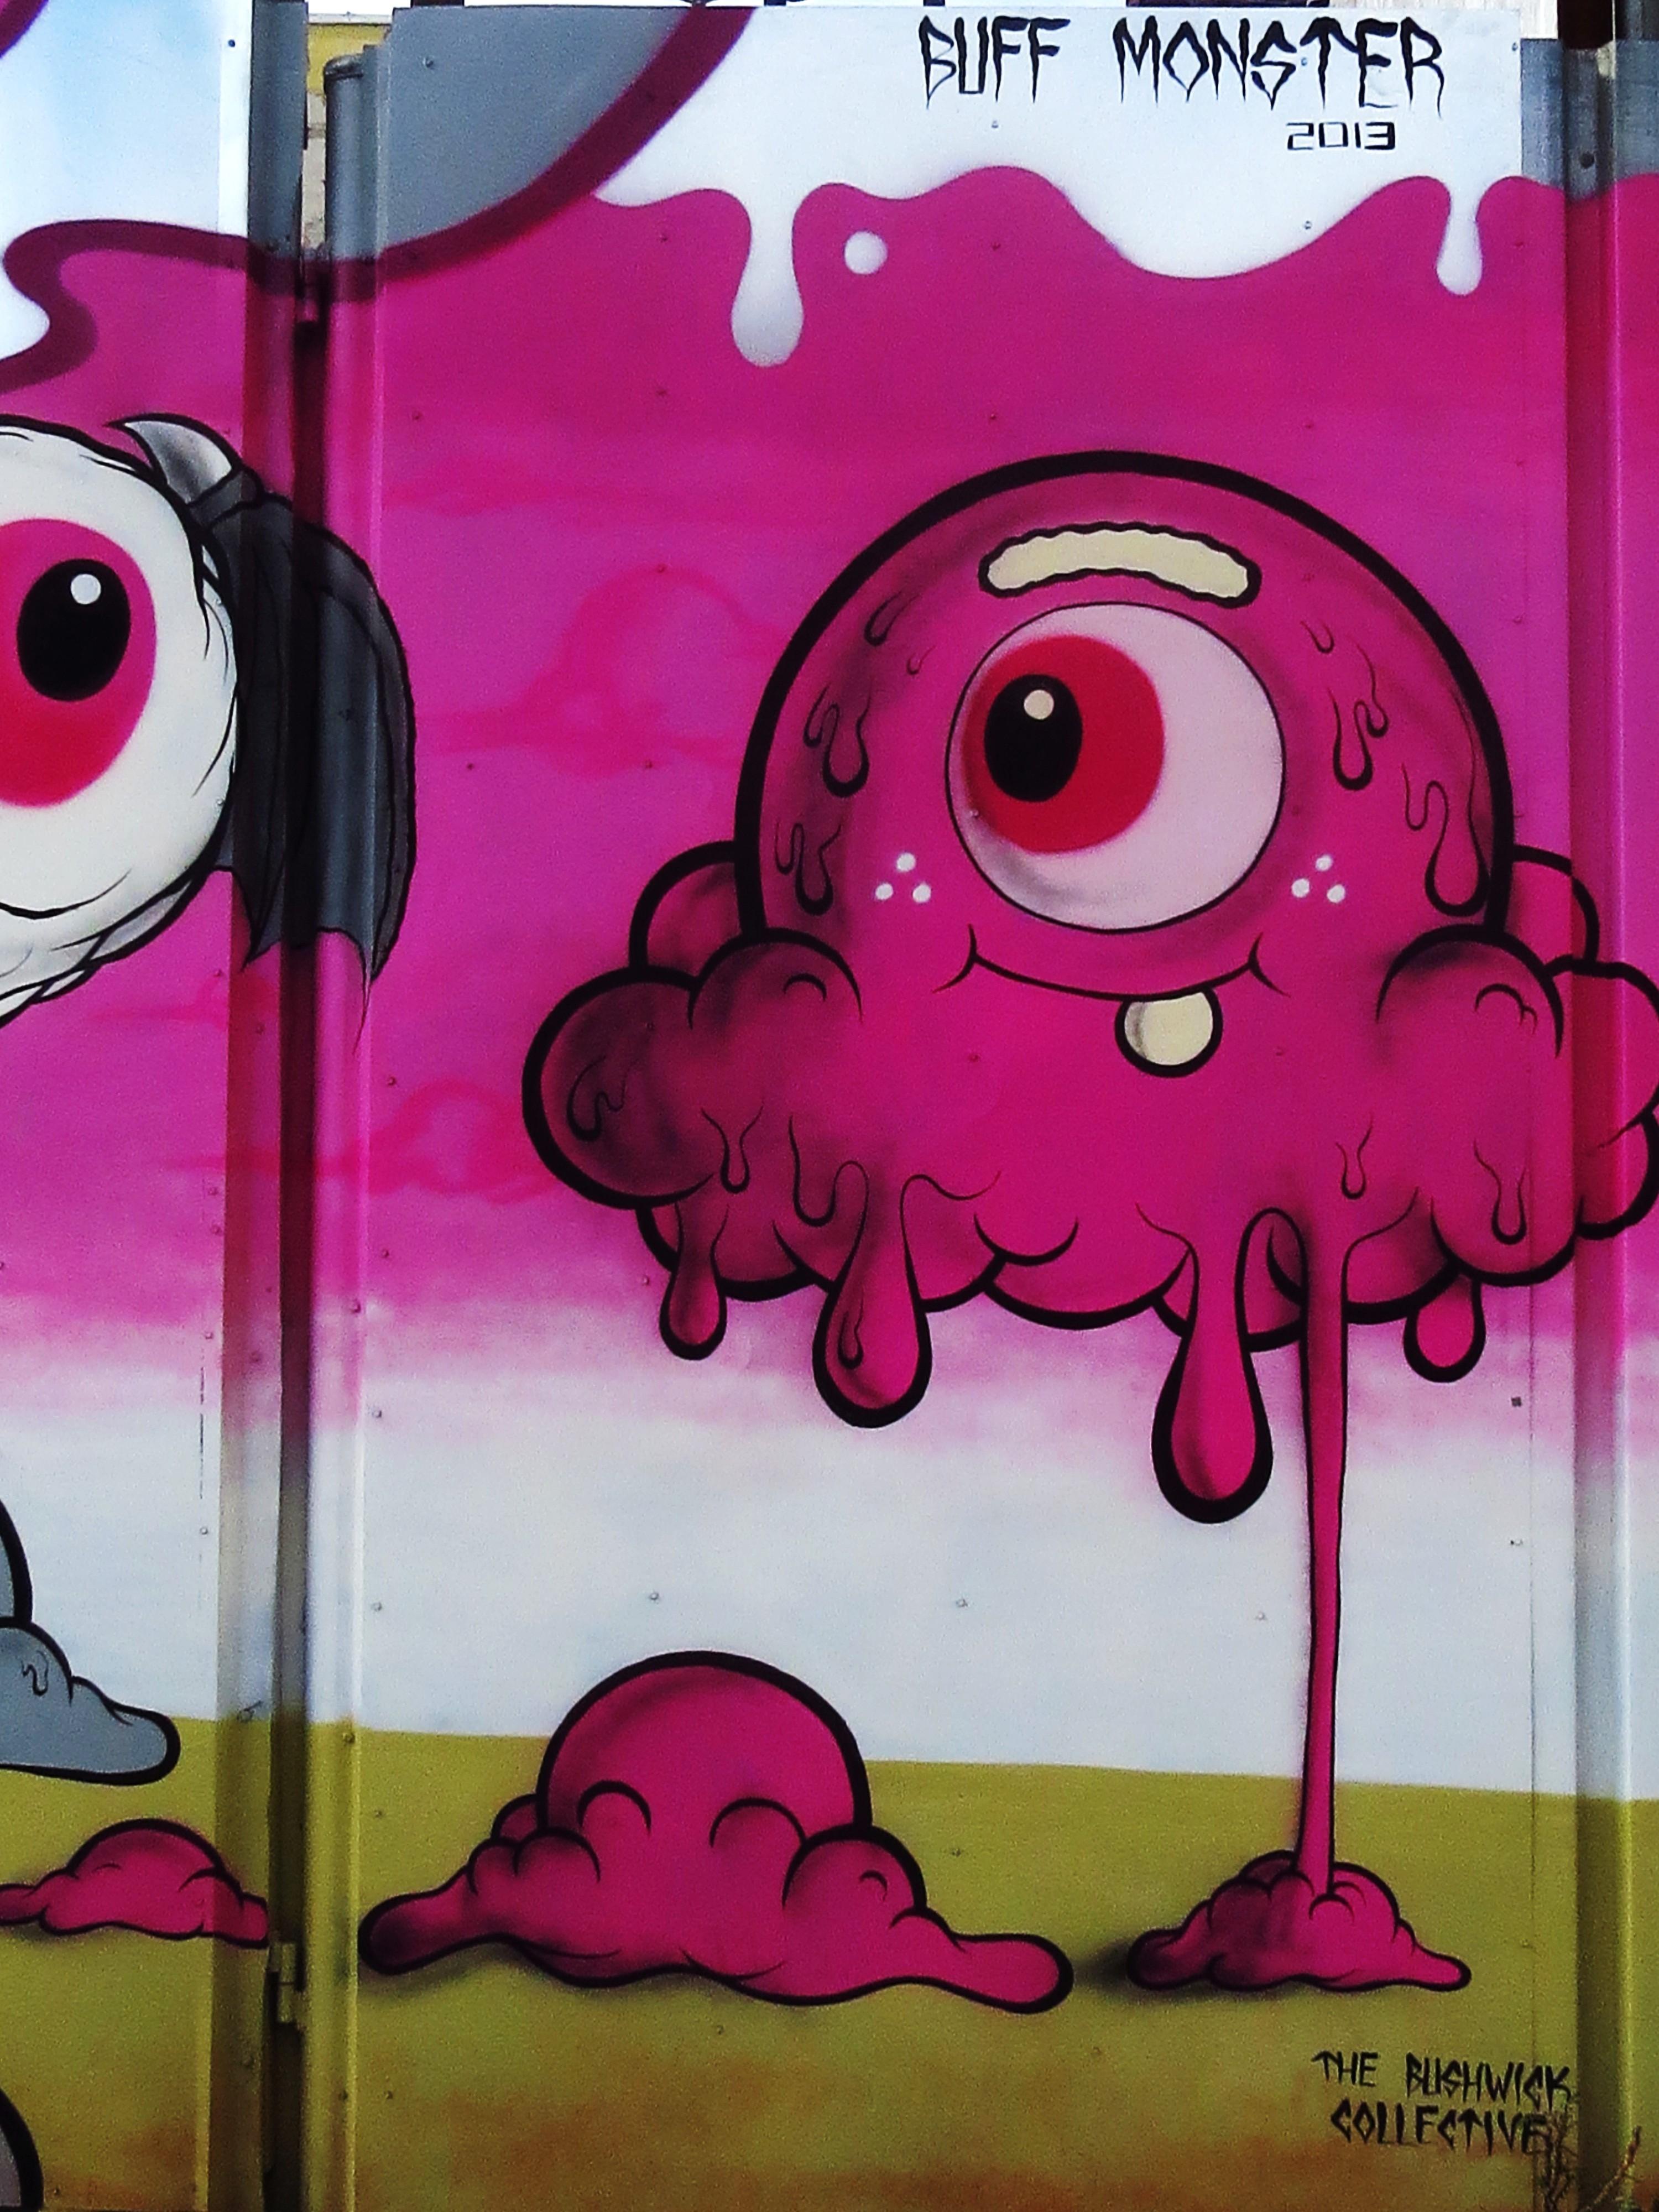 Nyc Graffiti Buff Monster Friend Tokidoki Nomad